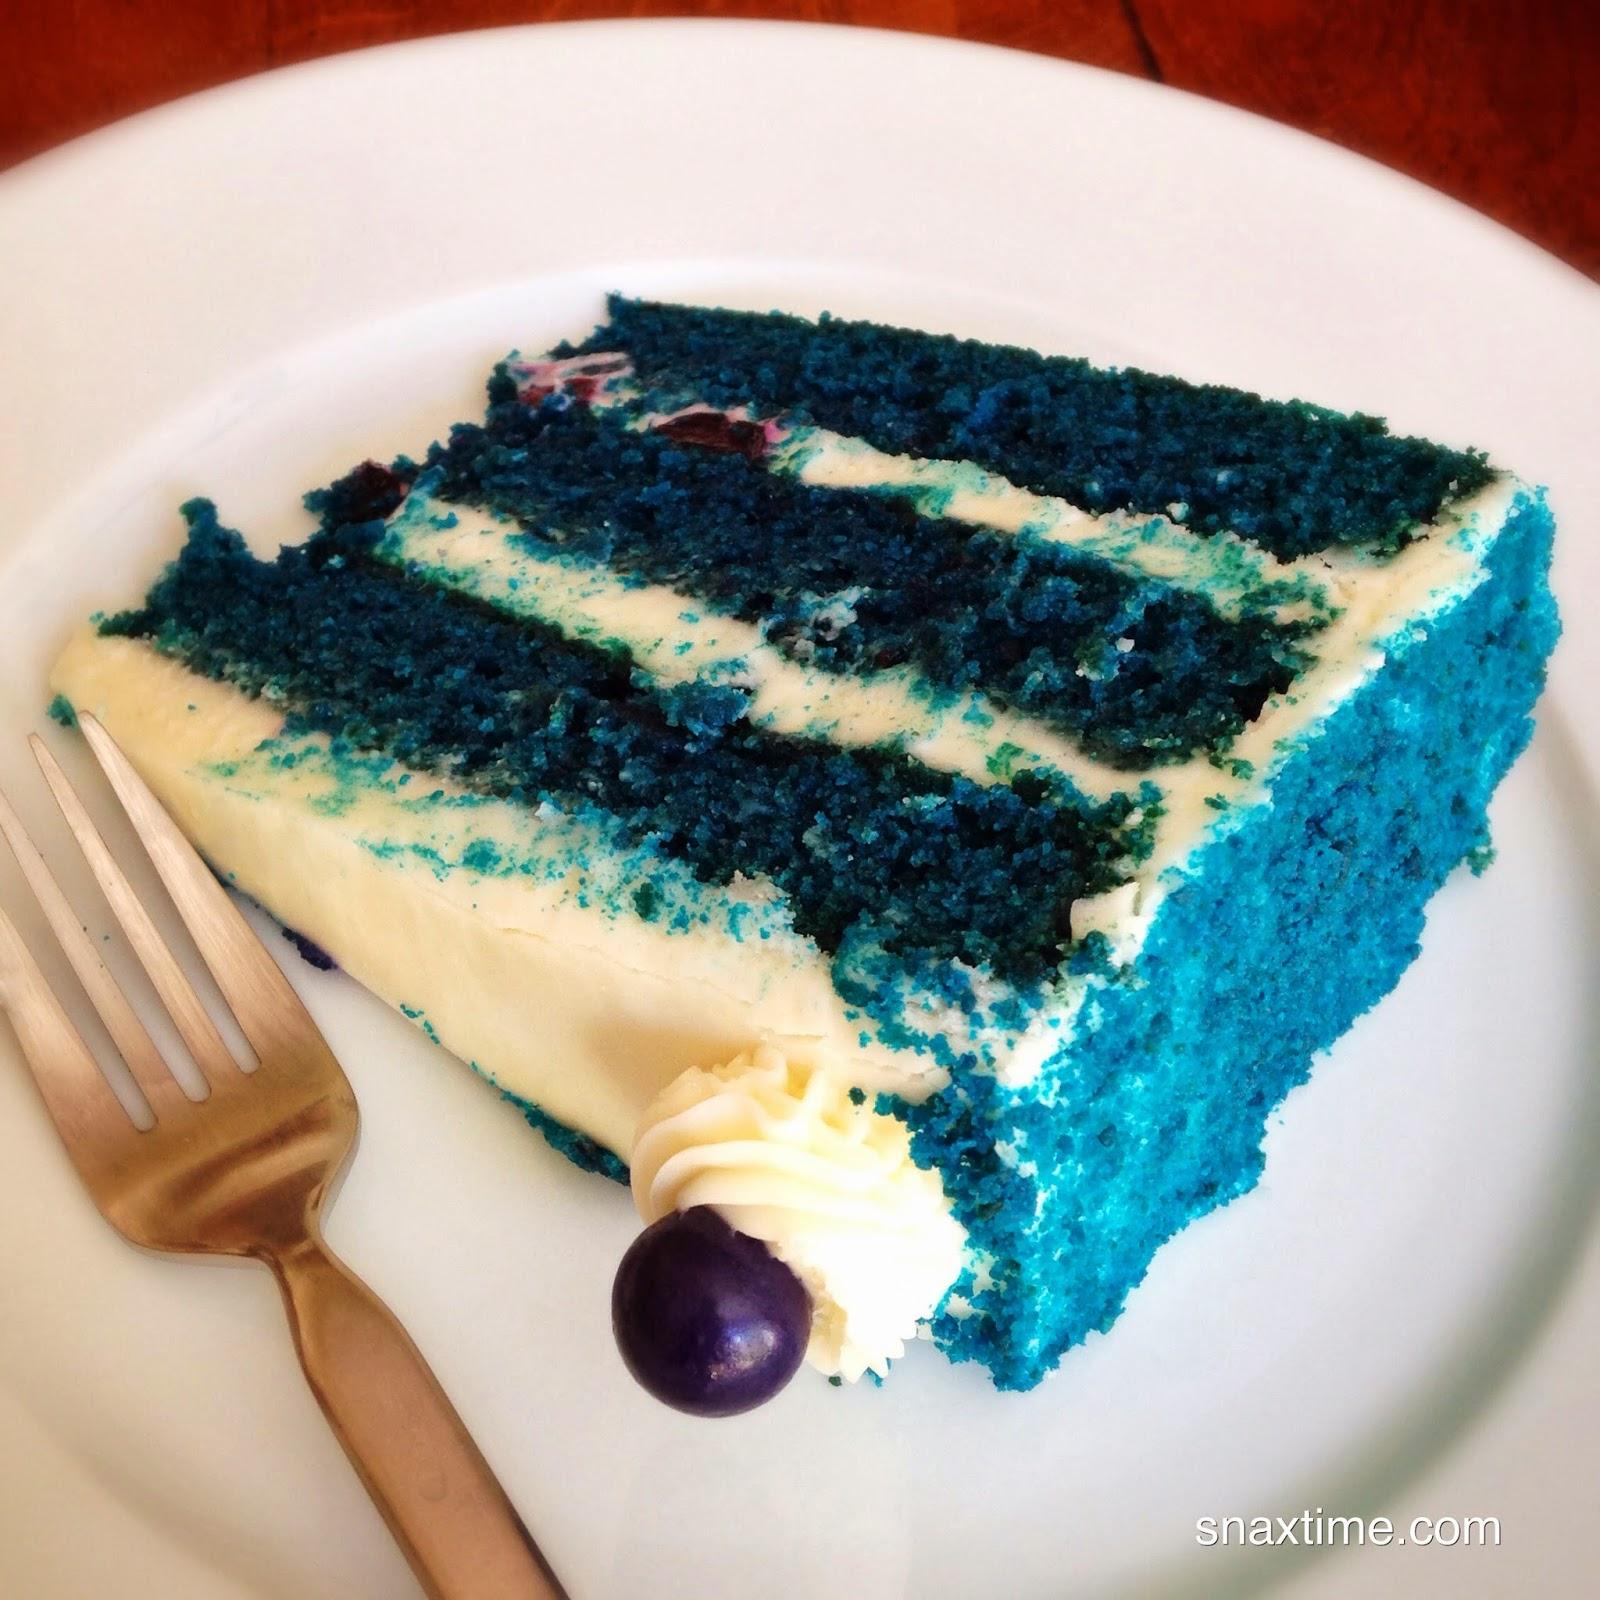 What Flavor Is Blue Velvet Cake